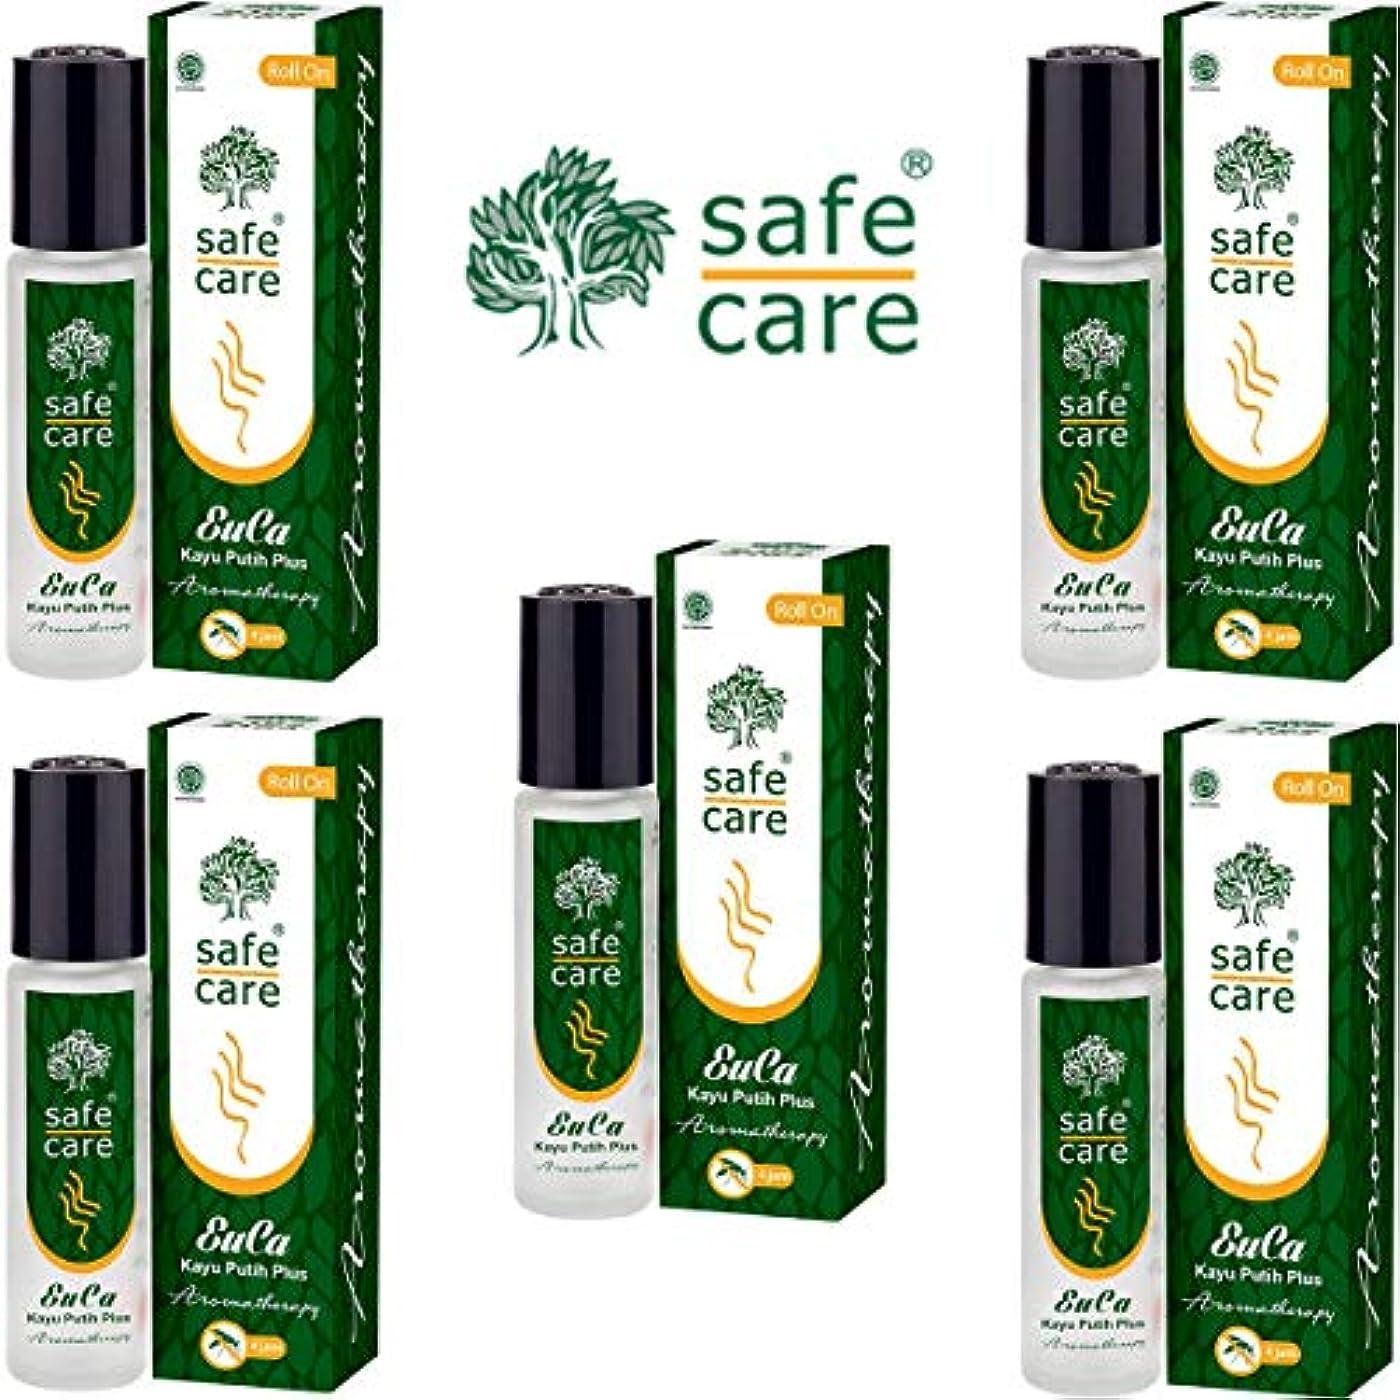 受信見込み折り目Safe Care セーフケア Aromatherapy Kayu Putih Plus アロマテラピー リフレッシュオイル カユプティプラス ロールオン 10ml×5本セット [海外直送品]